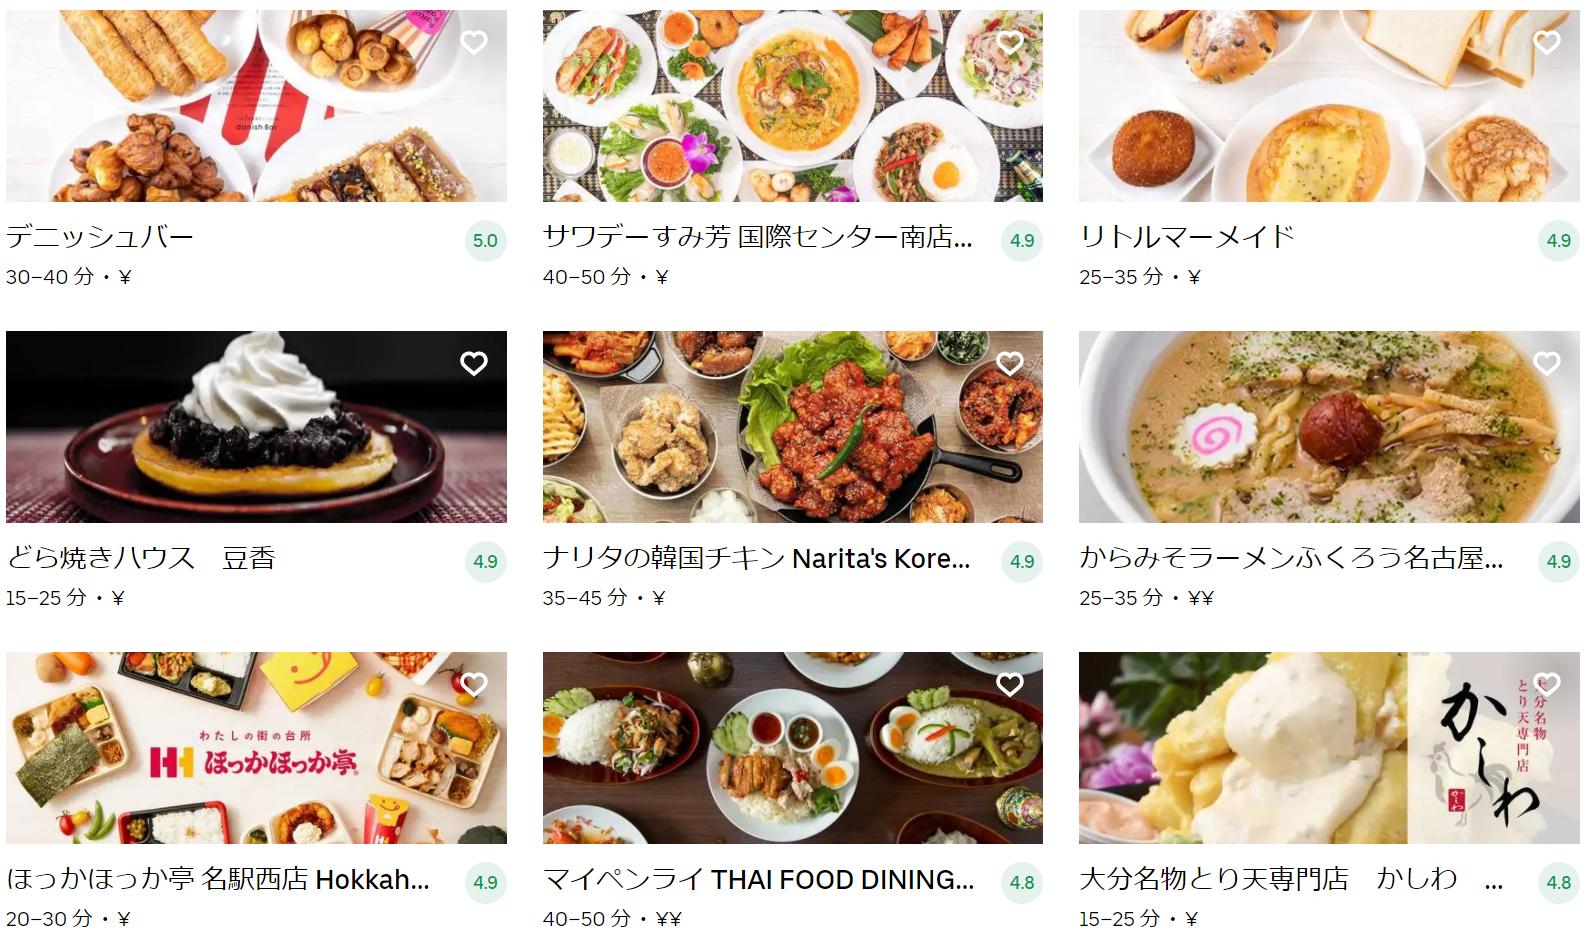 名古屋市中村区エリアのおすすめUber Eats(ウーバーイーツ)メニュー